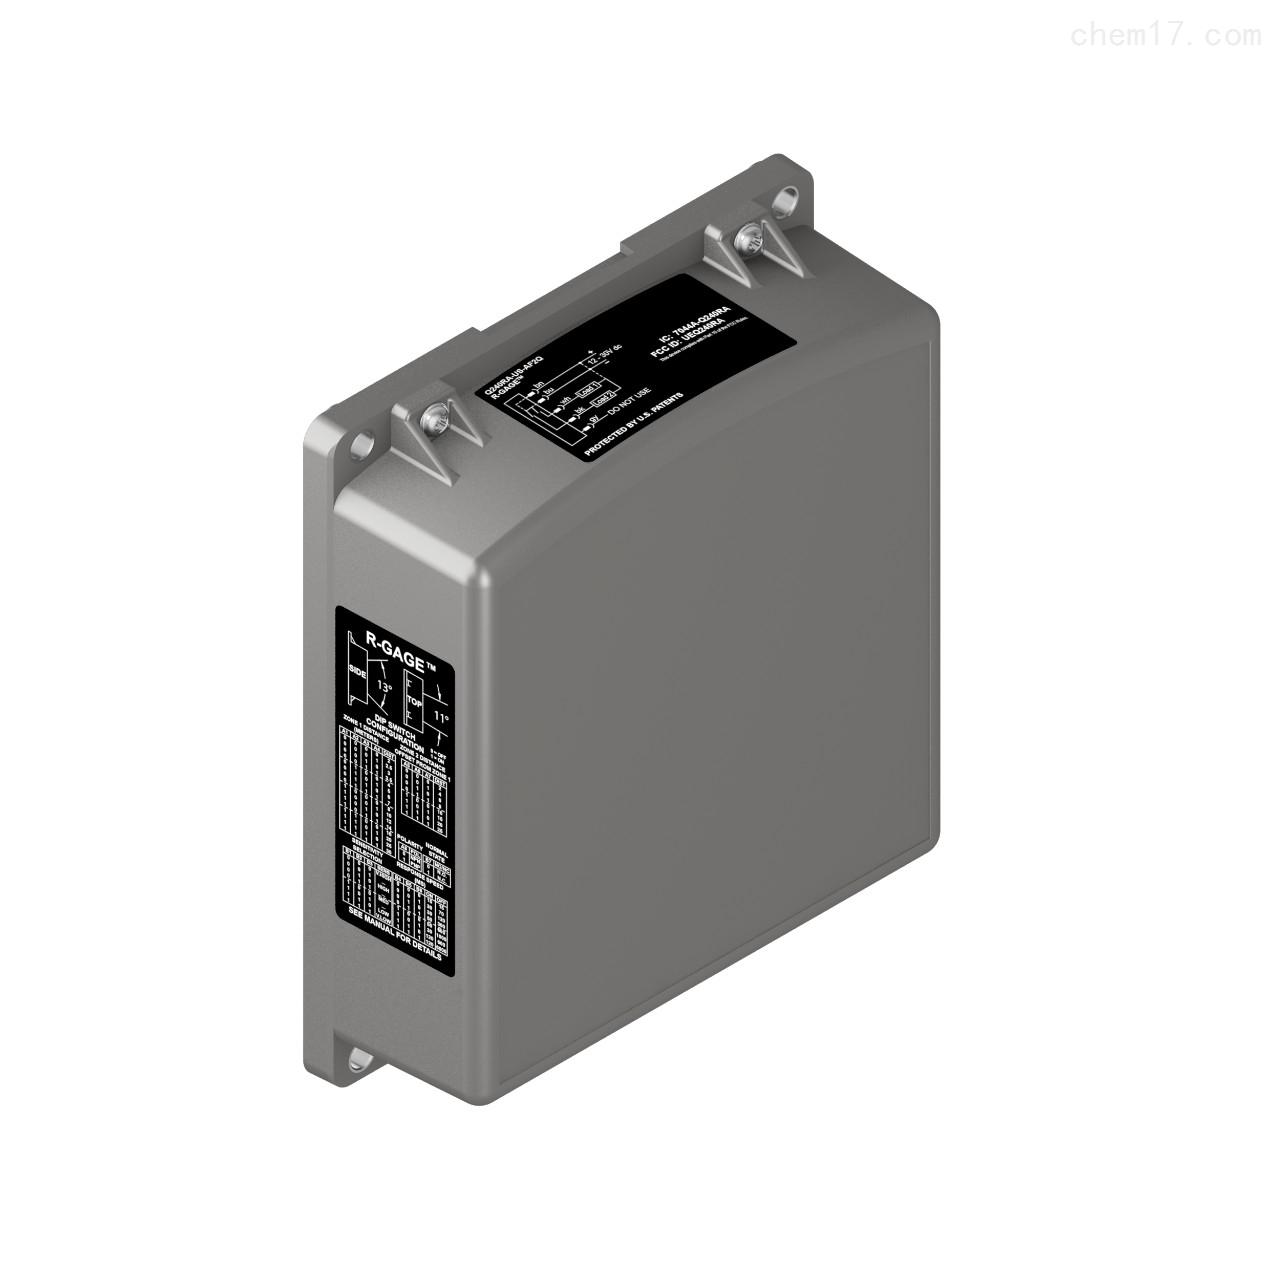 BANNER邦纳双感应区雷达传感器